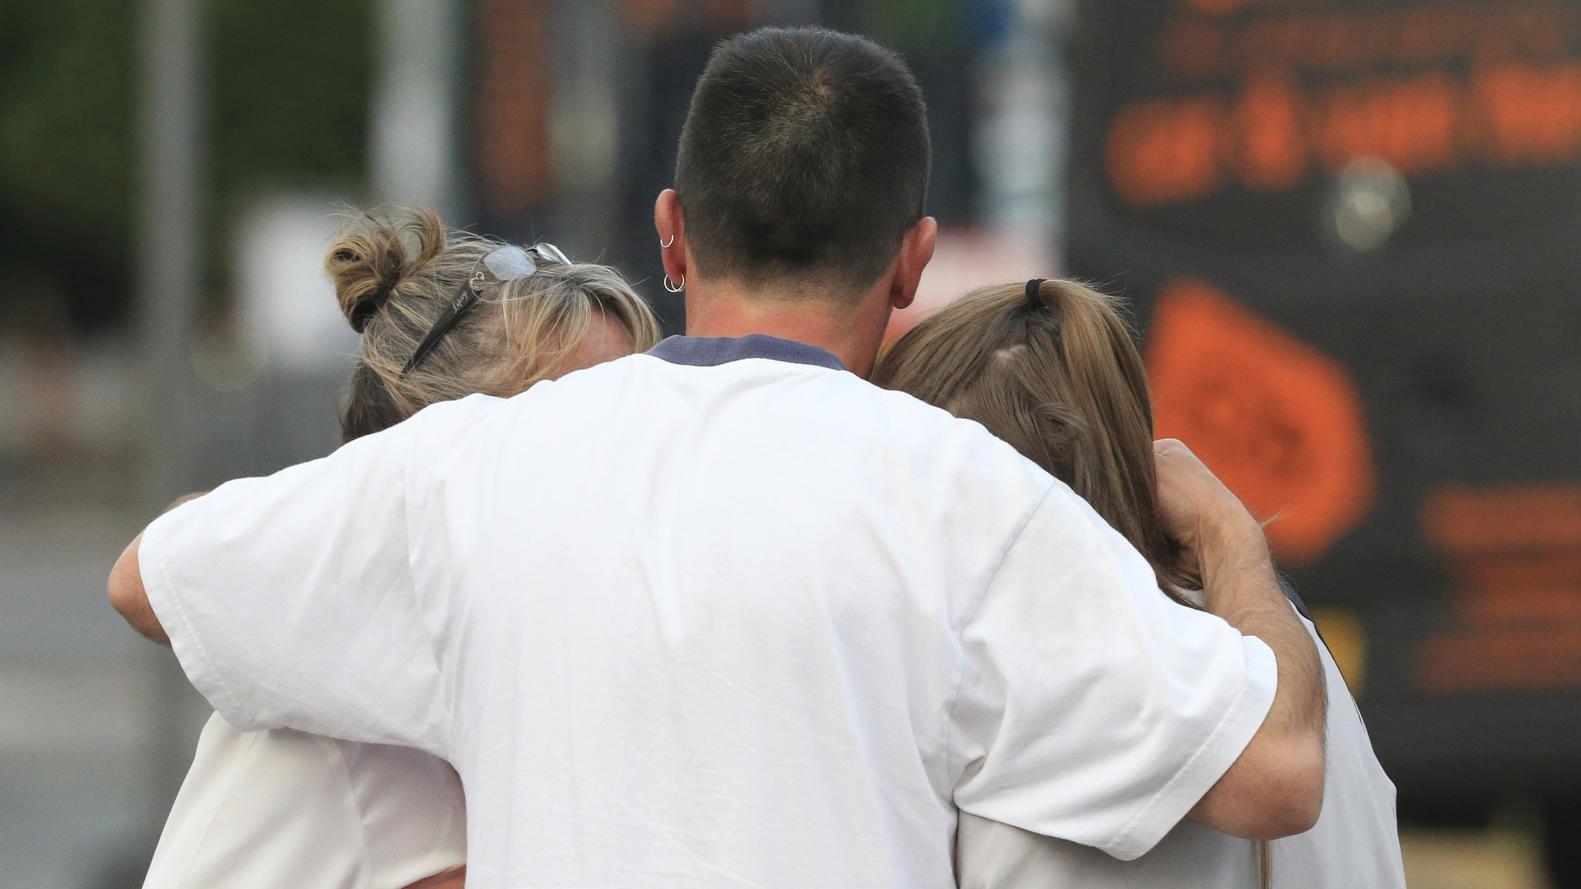 Tiefe Betroffenheit: Trauer um die Opfer vom Anschlag in Manchester